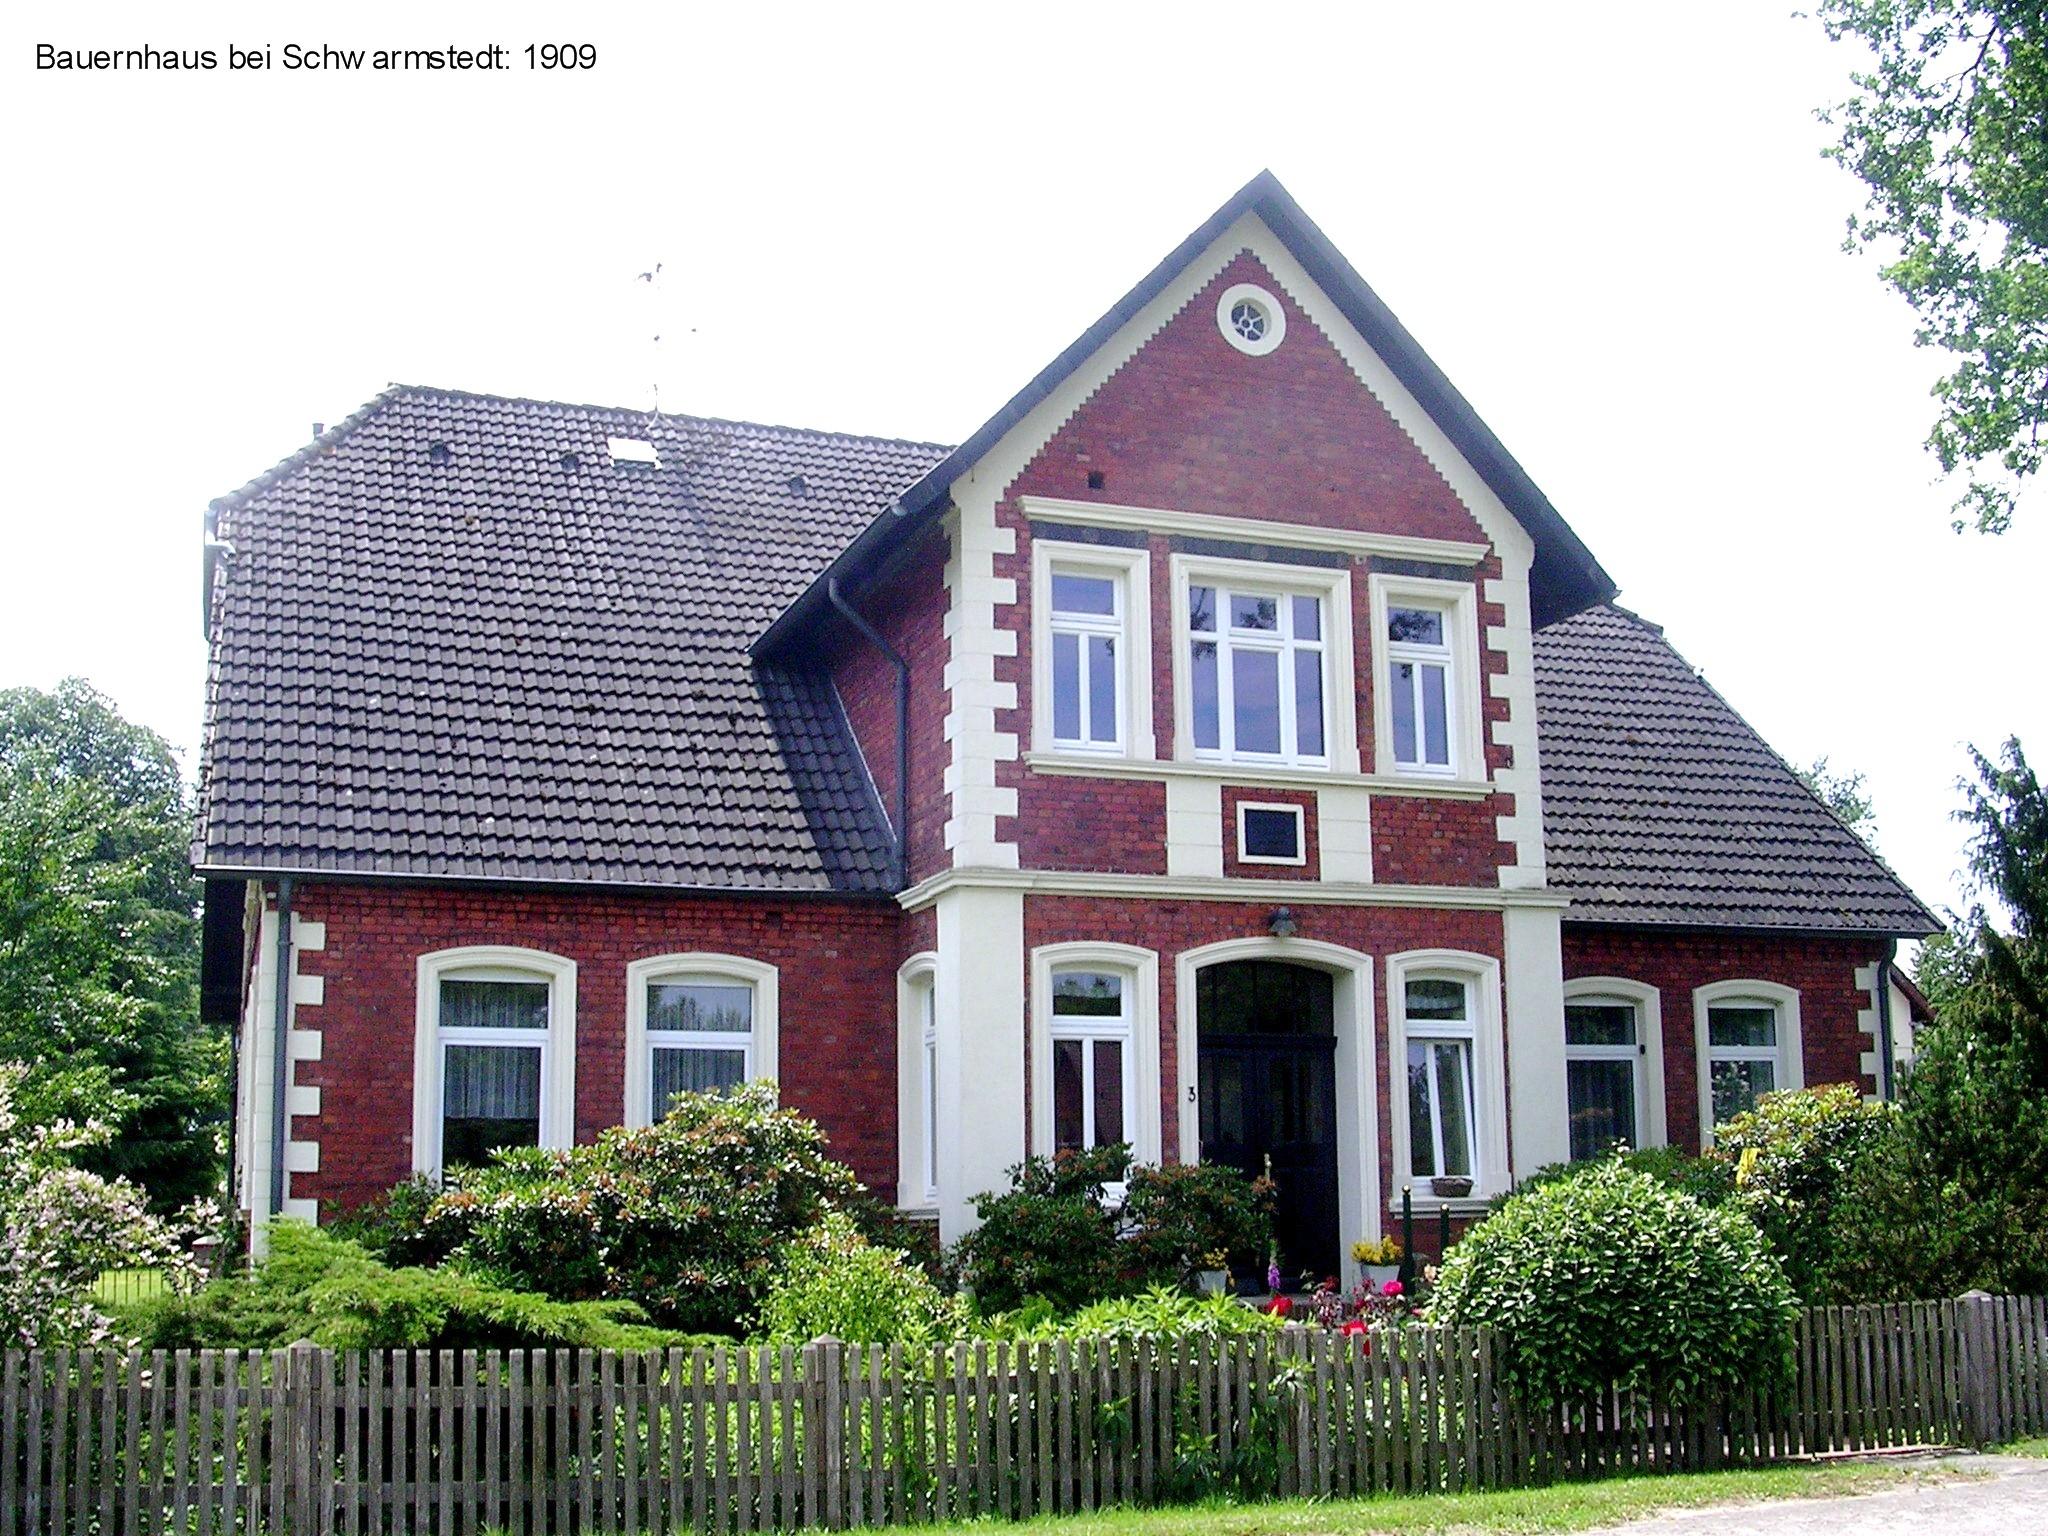 h-schwarmstedt-fal-1909-hollaend.stil